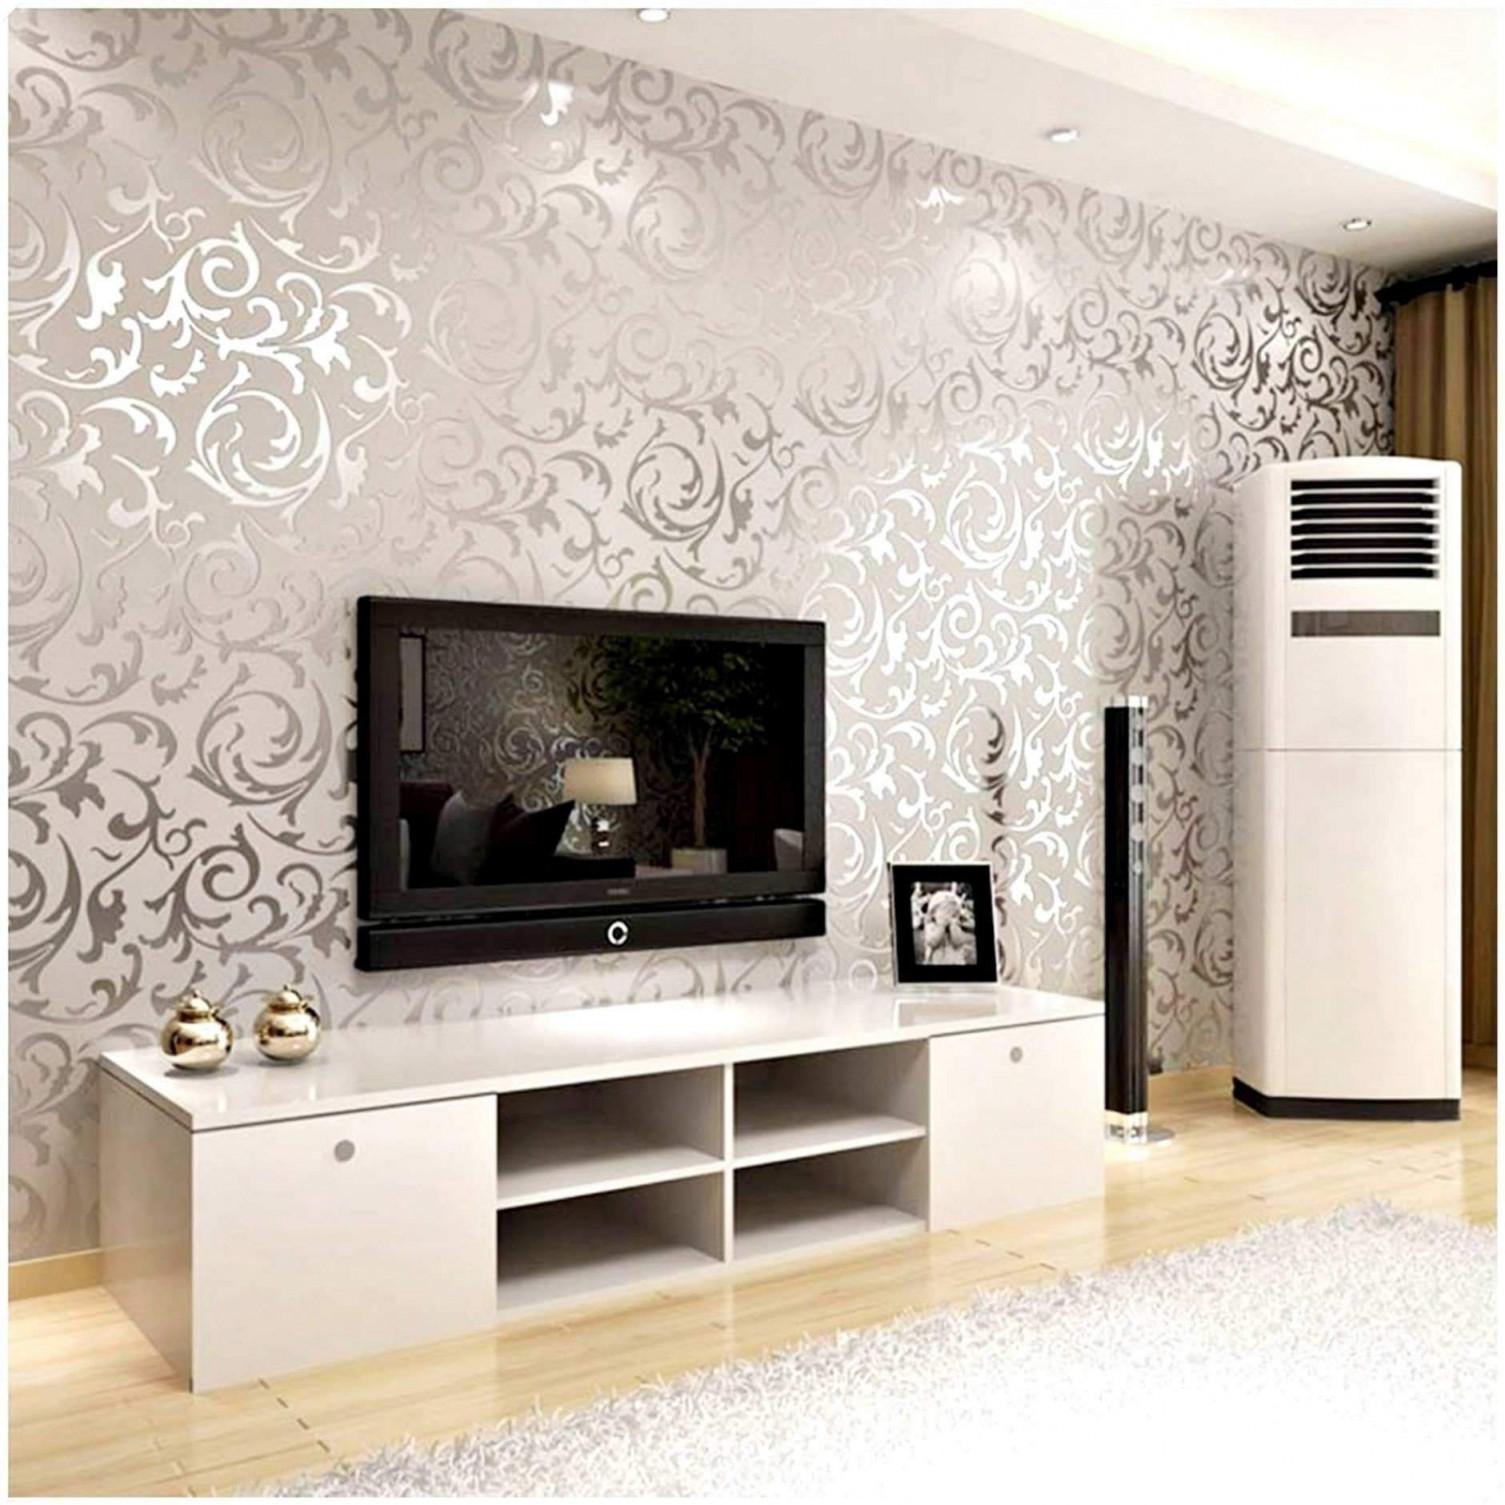 Wohnzimmer Tapete Modern Luxus 32 Frisch Tapeten Wohnzimmer von Elegante Tapeten Wohnzimmer Bild